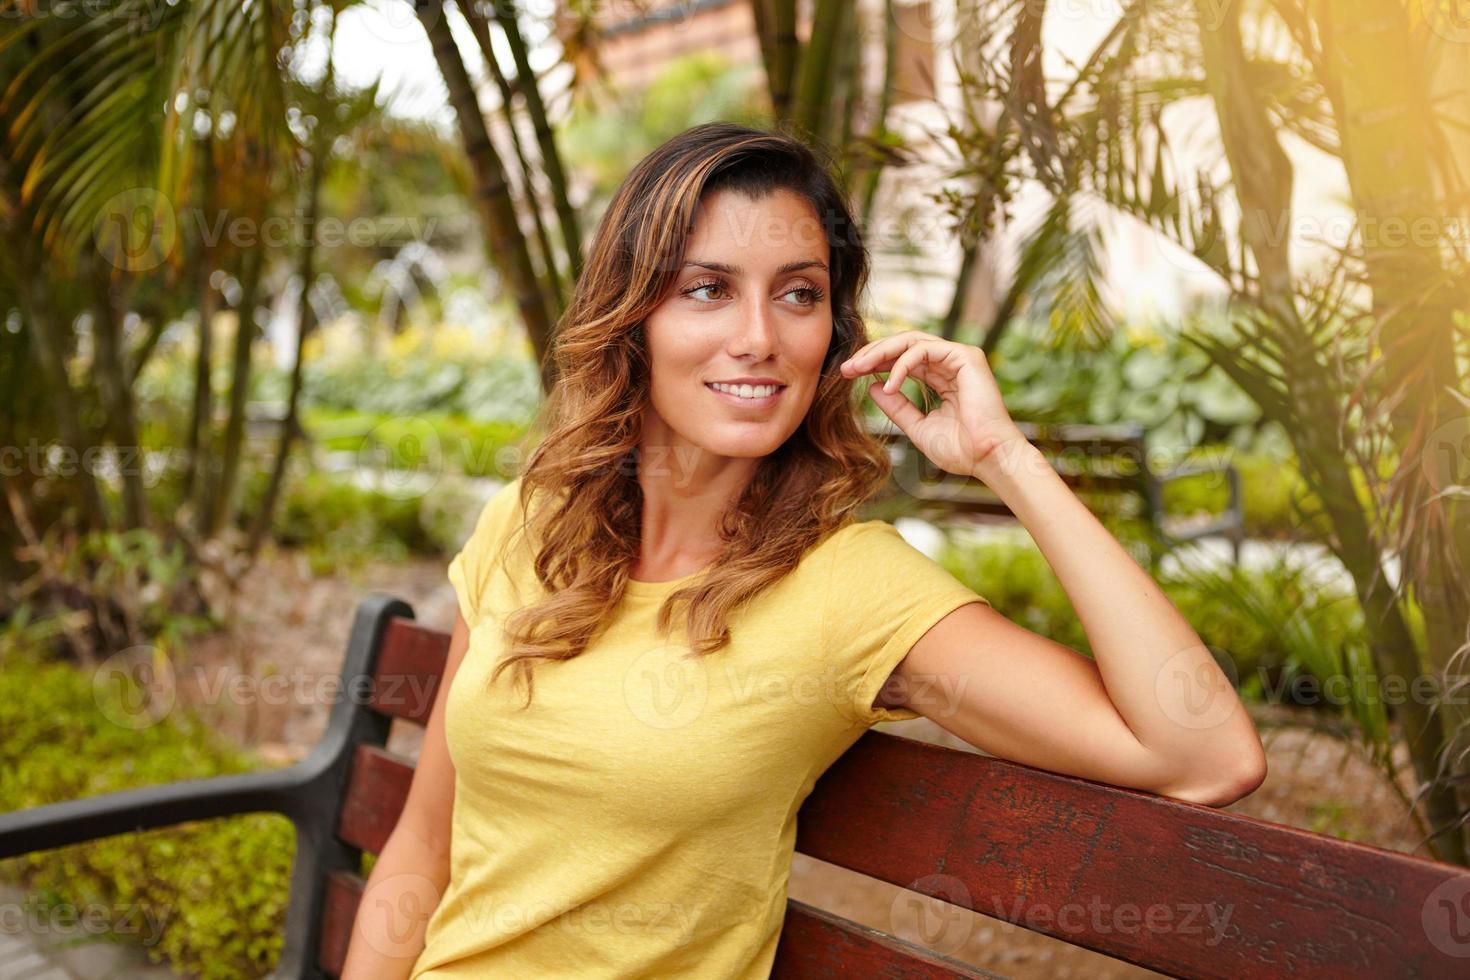 alegre senhora olhando para longe enquanto está sentado no banco foto